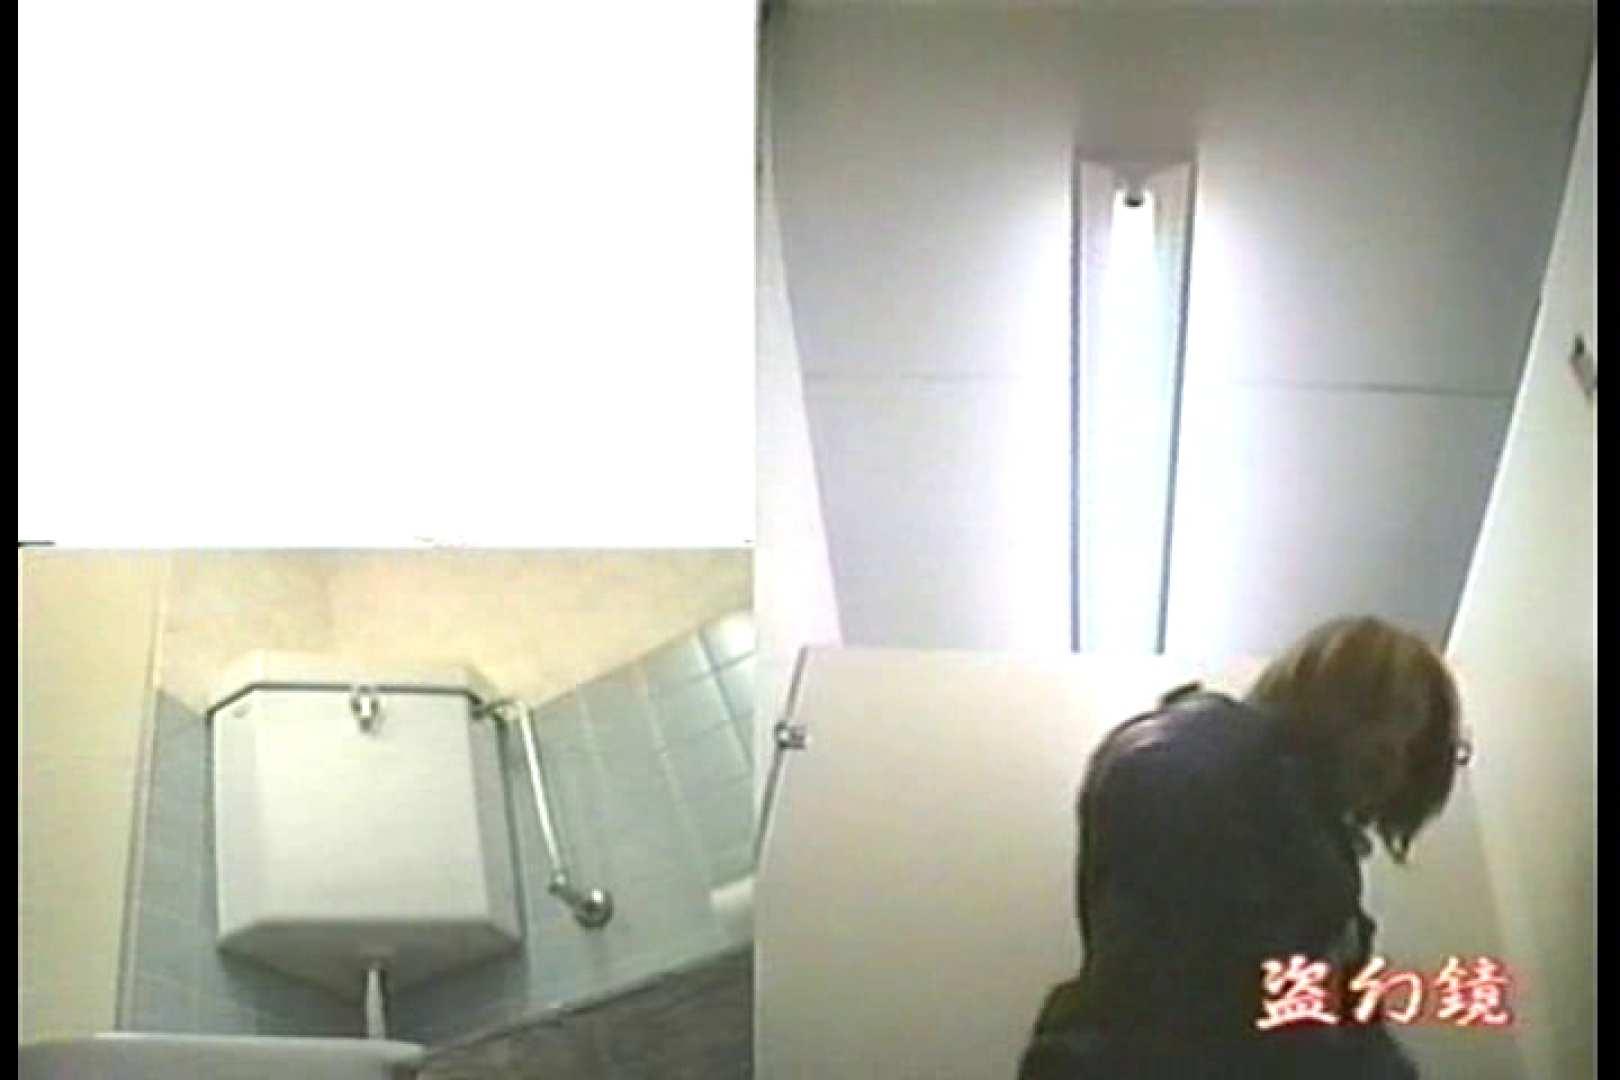 洗面所羞恥美女んMV-3 下半身 隠し撮りすけべAV動画紹介 69連発 24